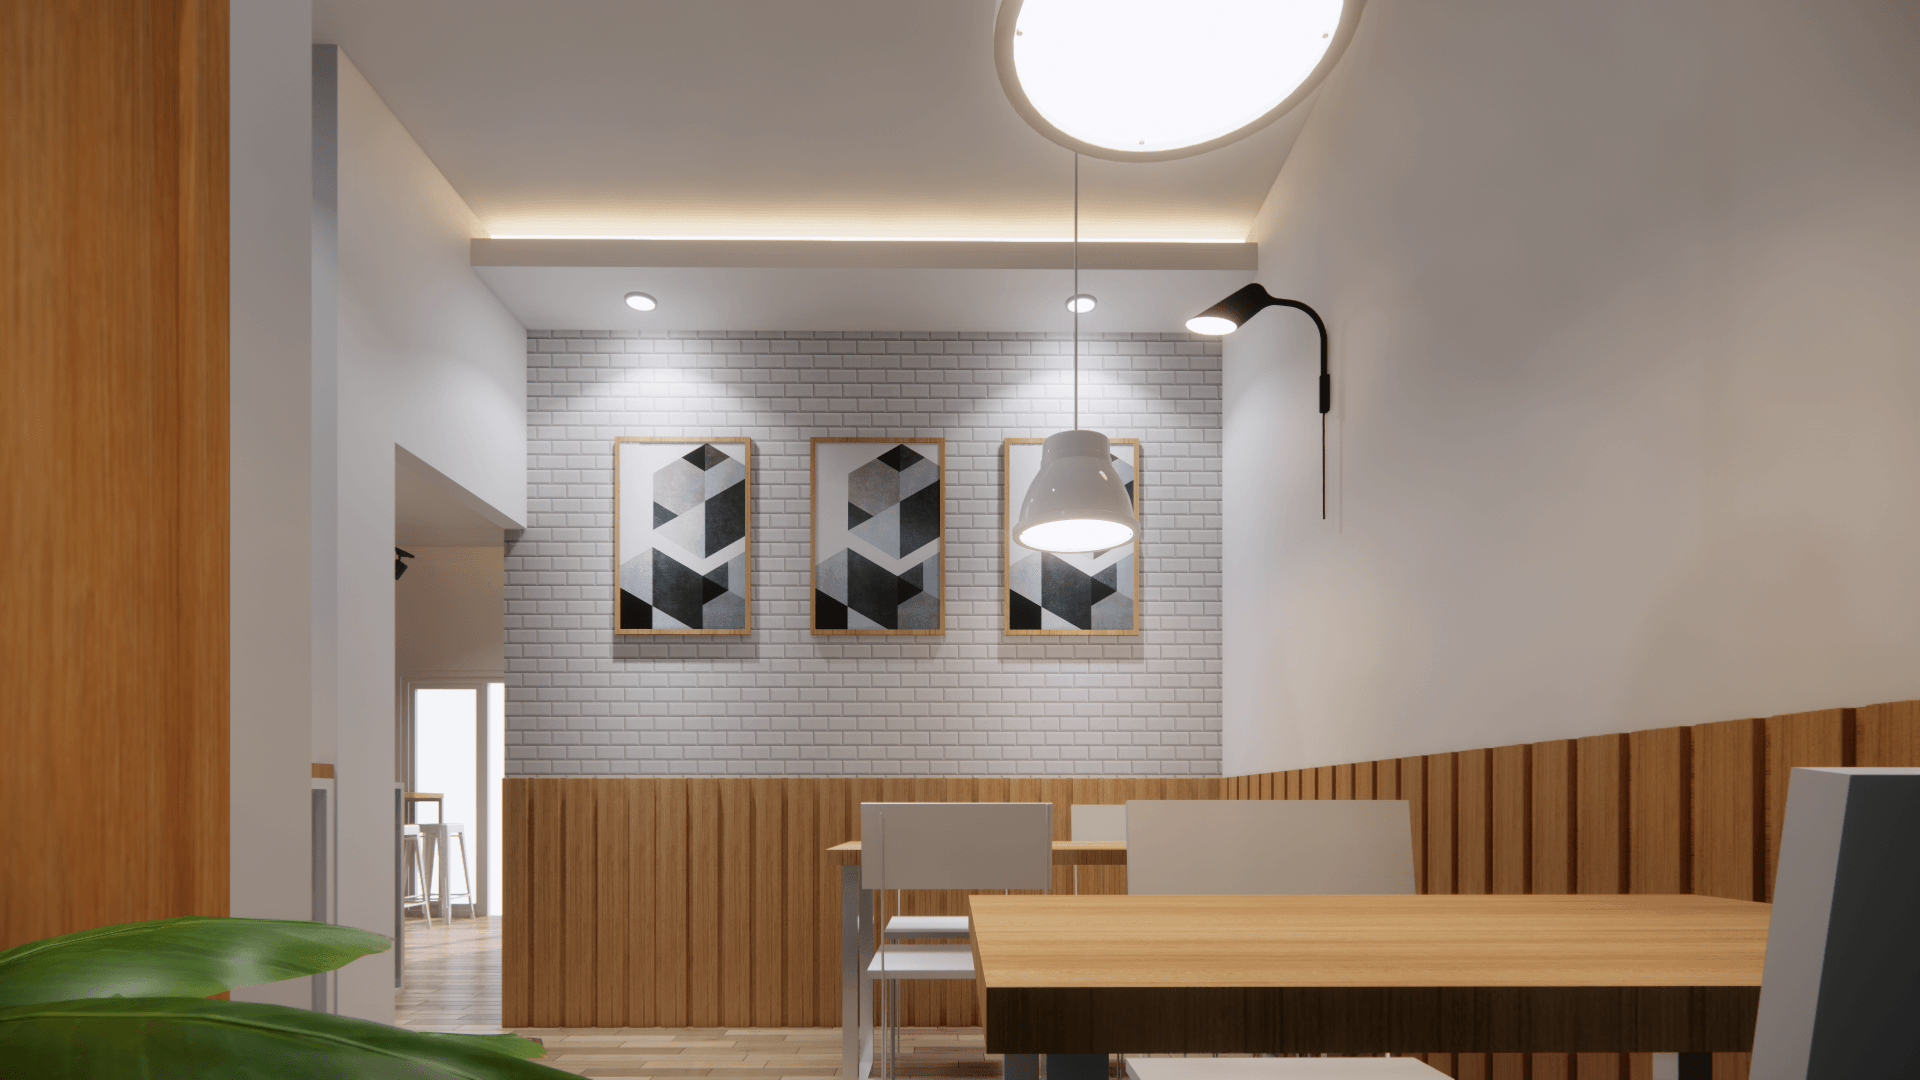 Faisal Amri Coffe Shop Bpk Andi Semarang, Kota Semarang, Jawa Tengah, Indonesia Semarang, Kota Semarang, Jawa Tengah, Indonesia Faisal-Amri-Coffe-Shop-Bpk-Andi  132496